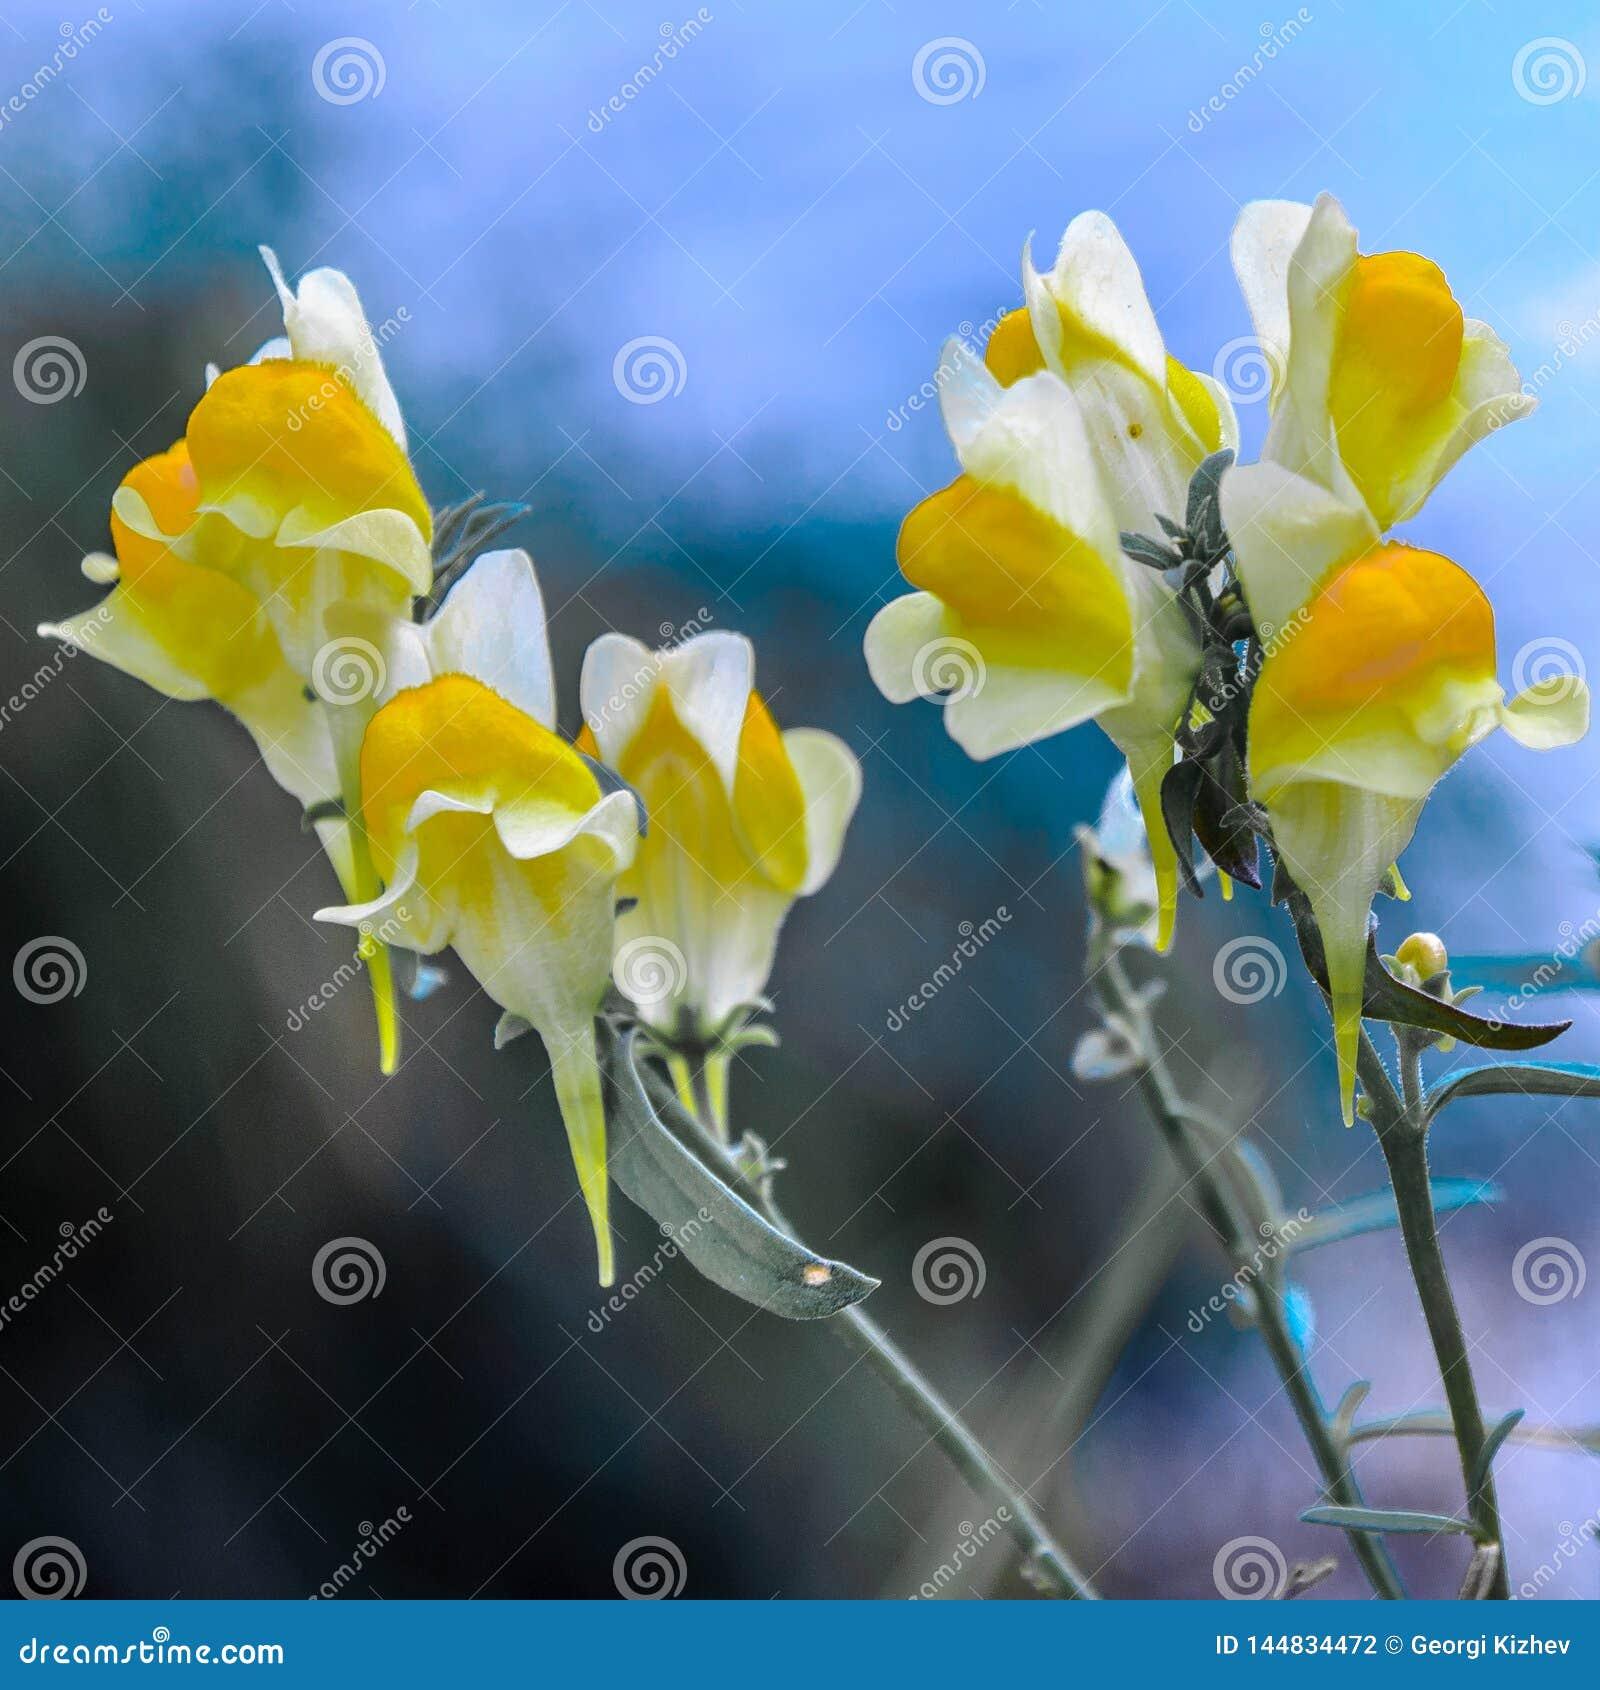 Macro yellow flowers